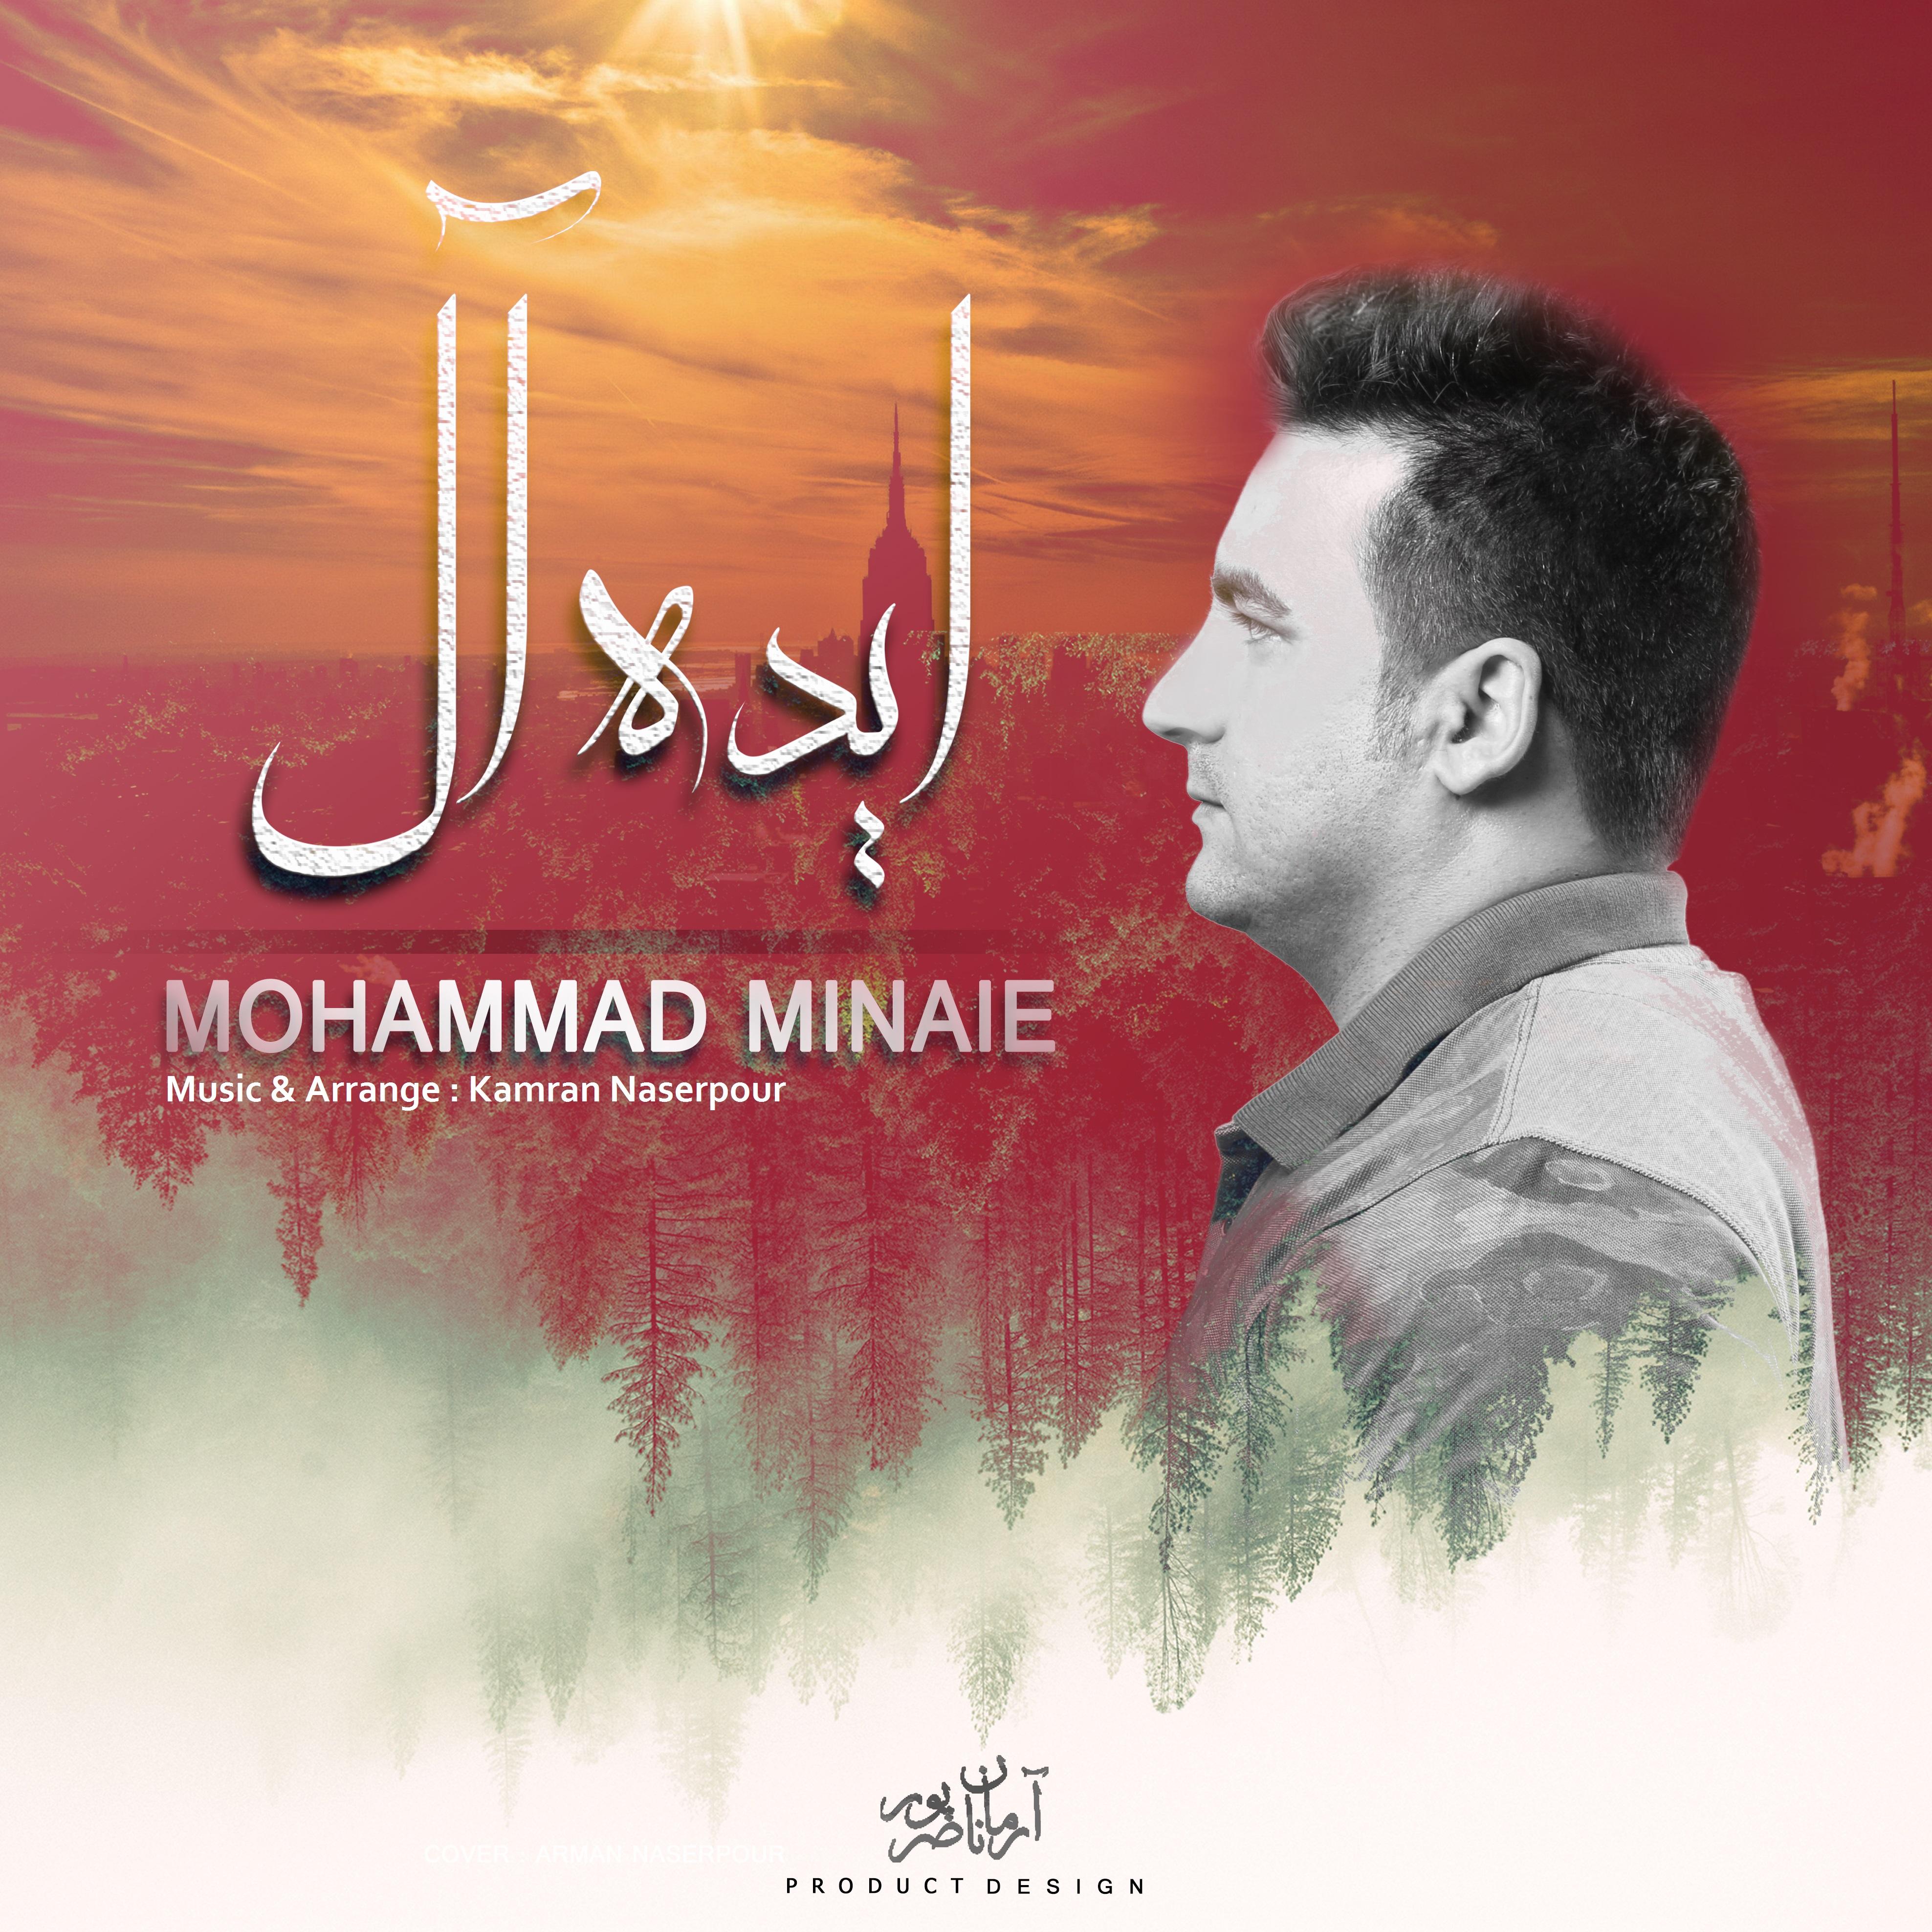 دانلود آلبوم جدید محمد مینایی بنام ایده آل